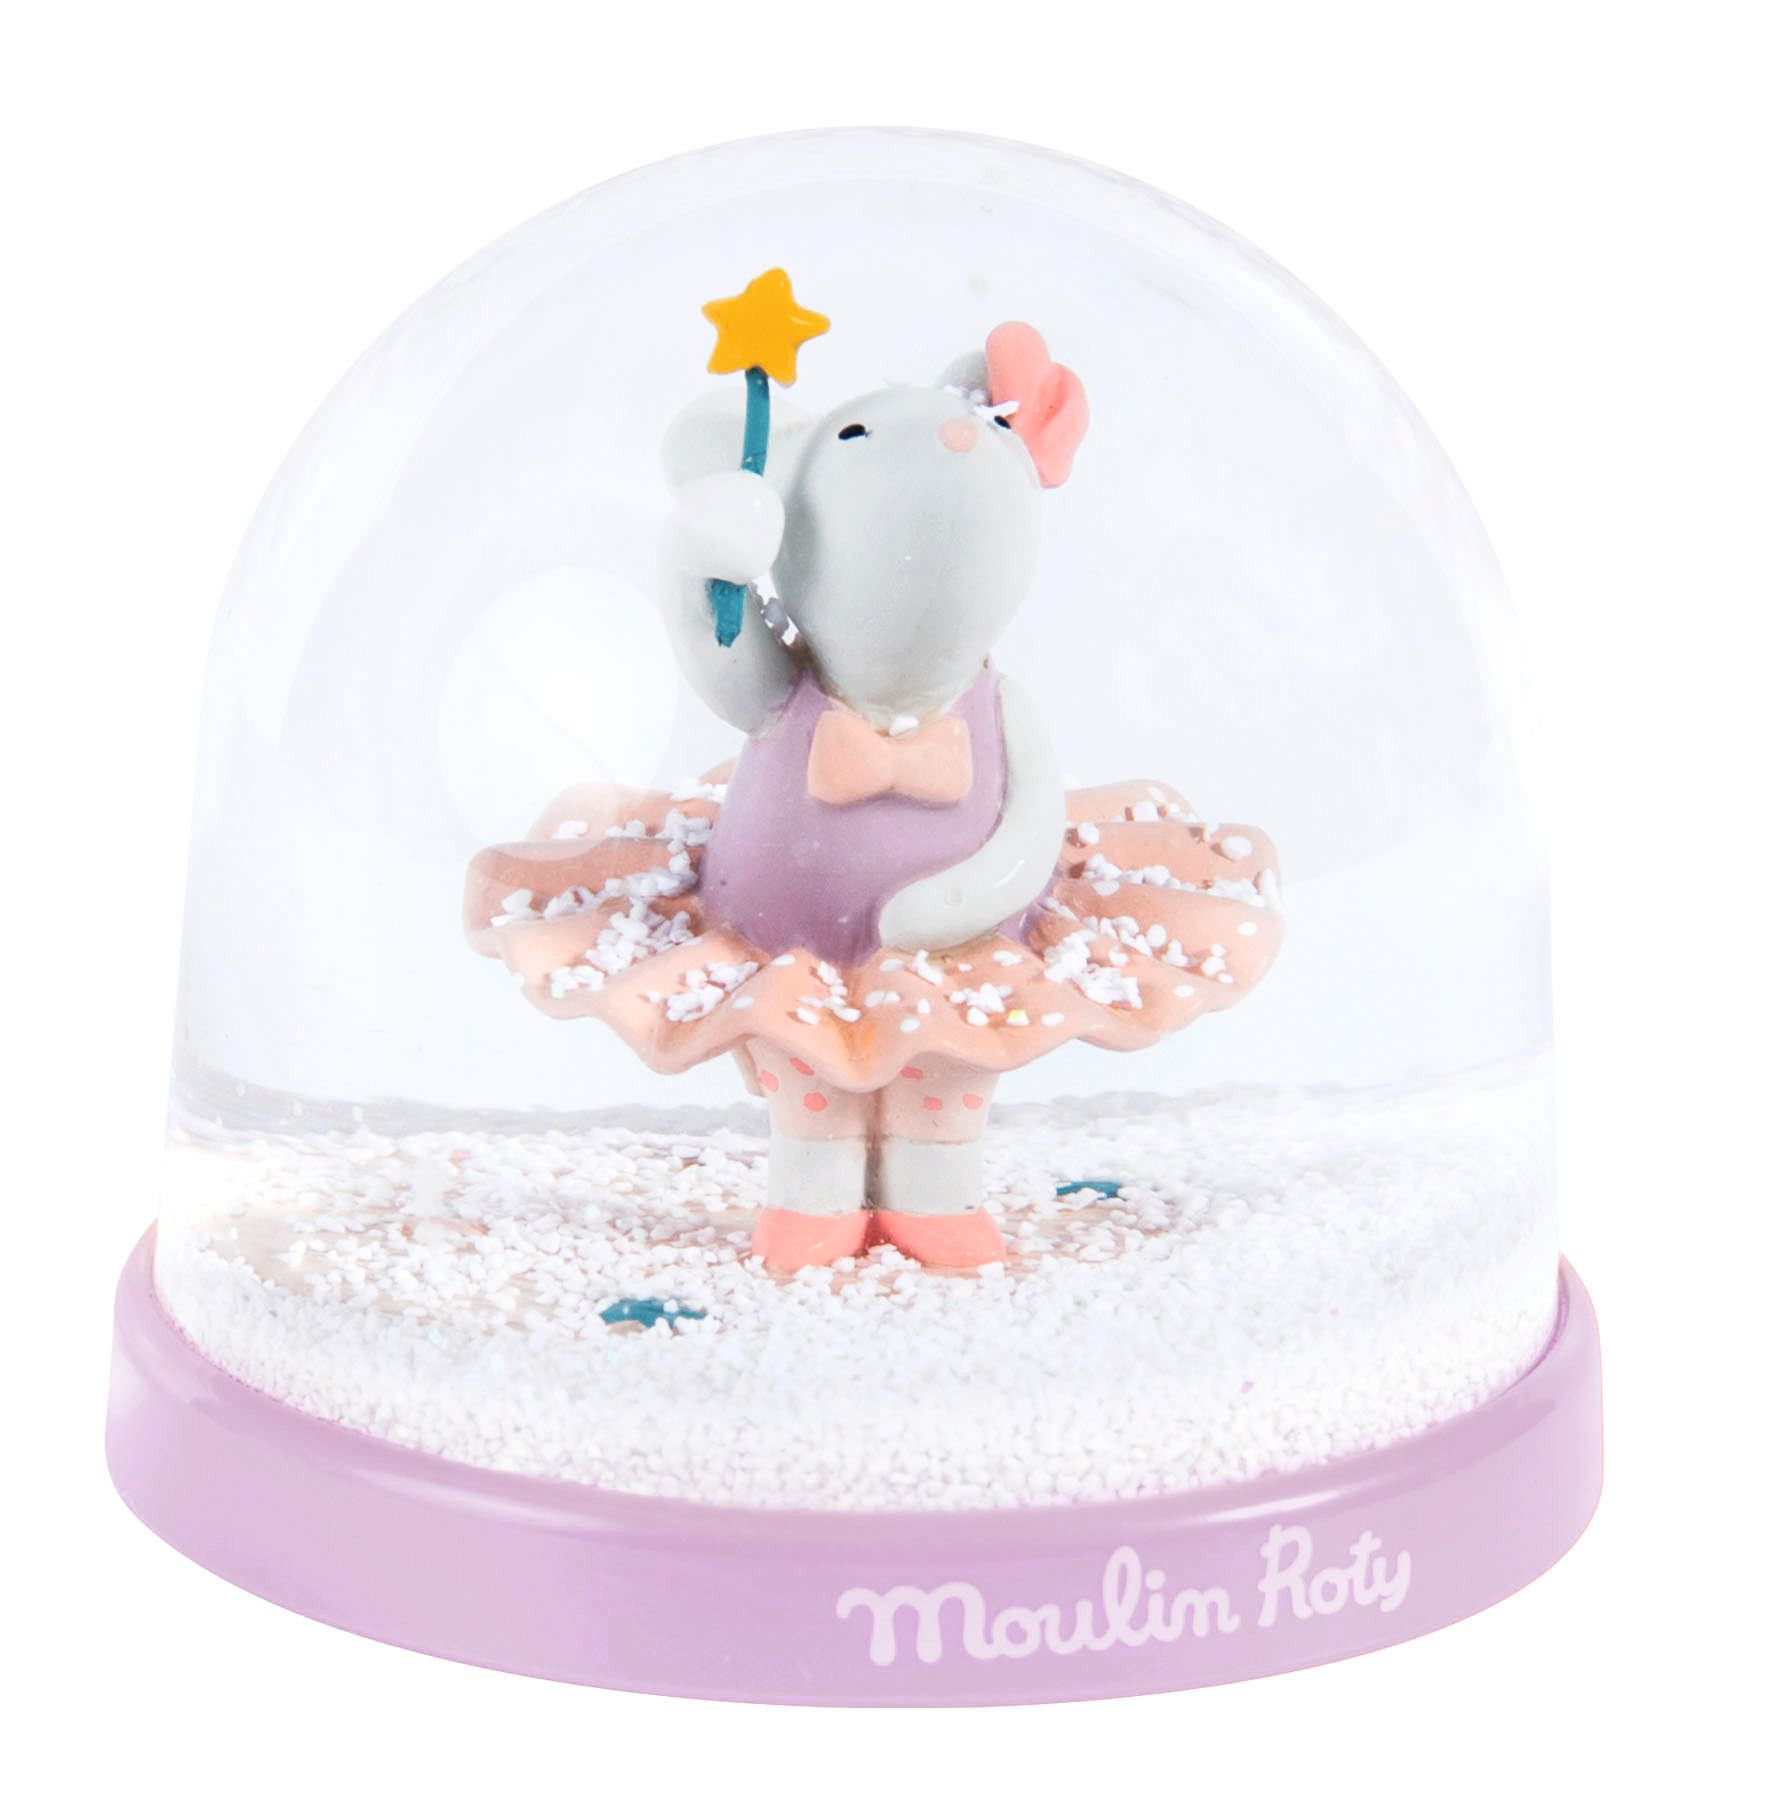 Globo de Neve Moulin Roty Ratinha Era uma Vez...